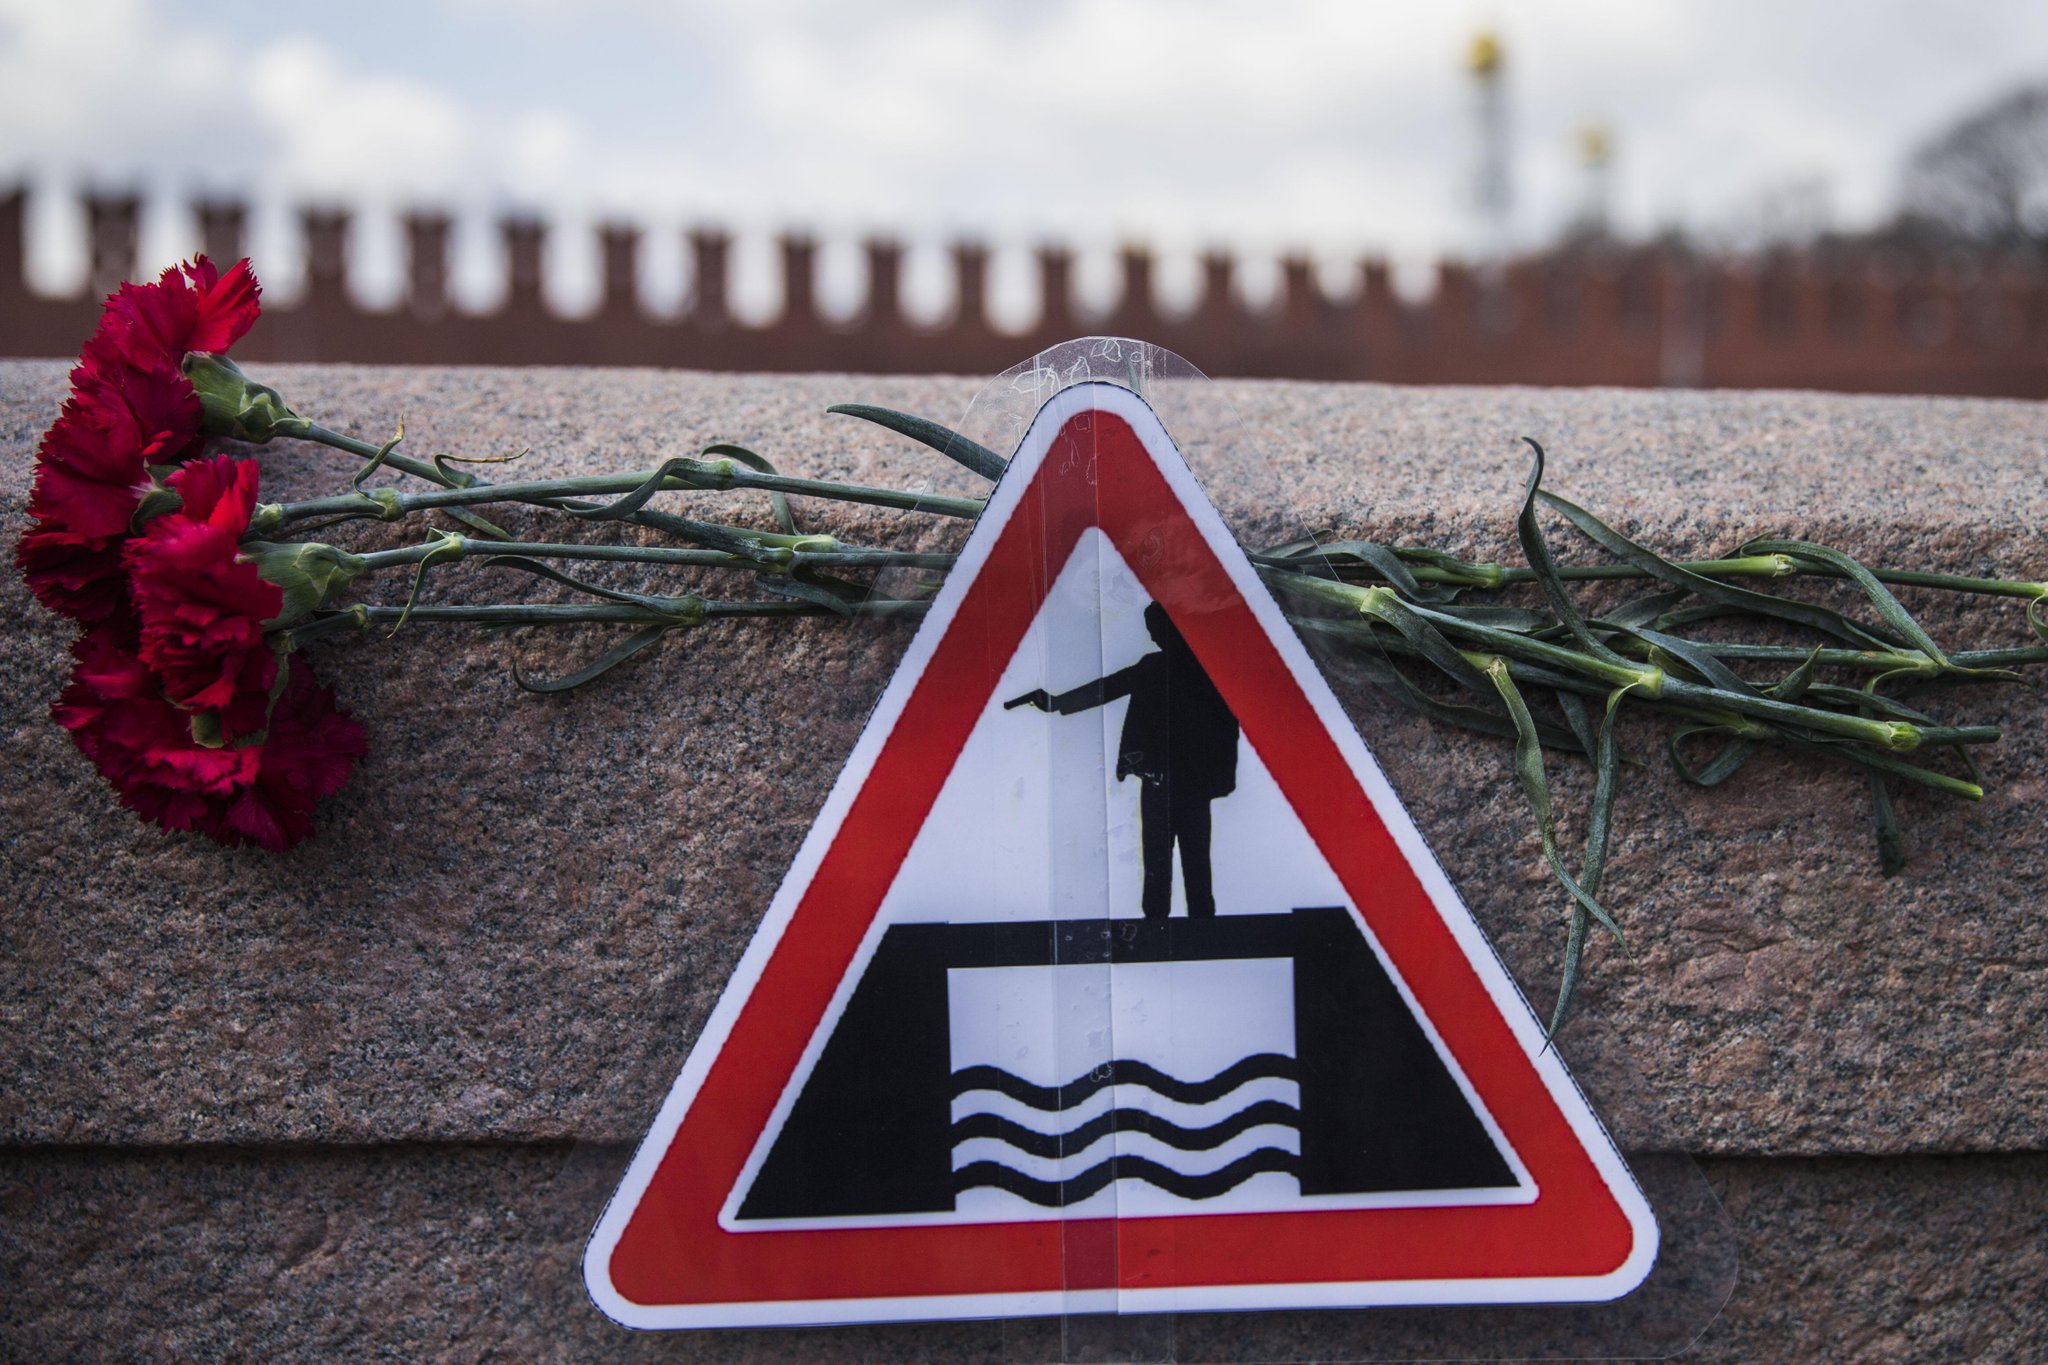 В Харьковской области действует около десяти российских диверсионных групп, - губернатор Райнин - Цензор.НЕТ 6128